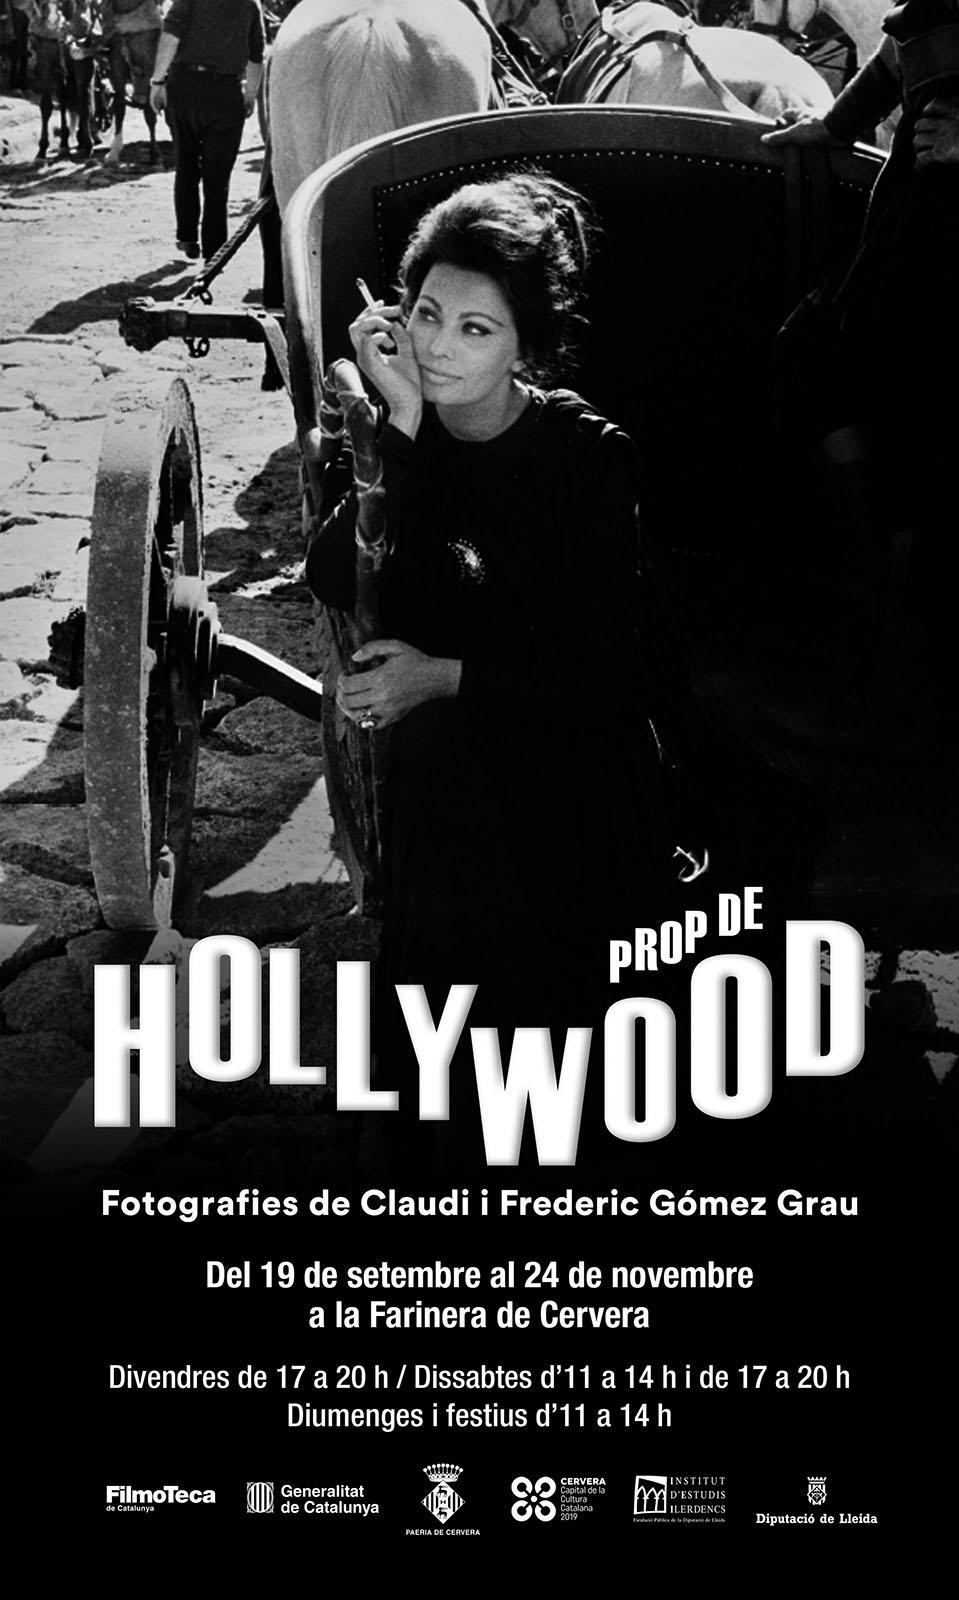 cartell Exposició 'Prop de Hollywood'. Fotografies de Claudi i Frederic Gómez Grau